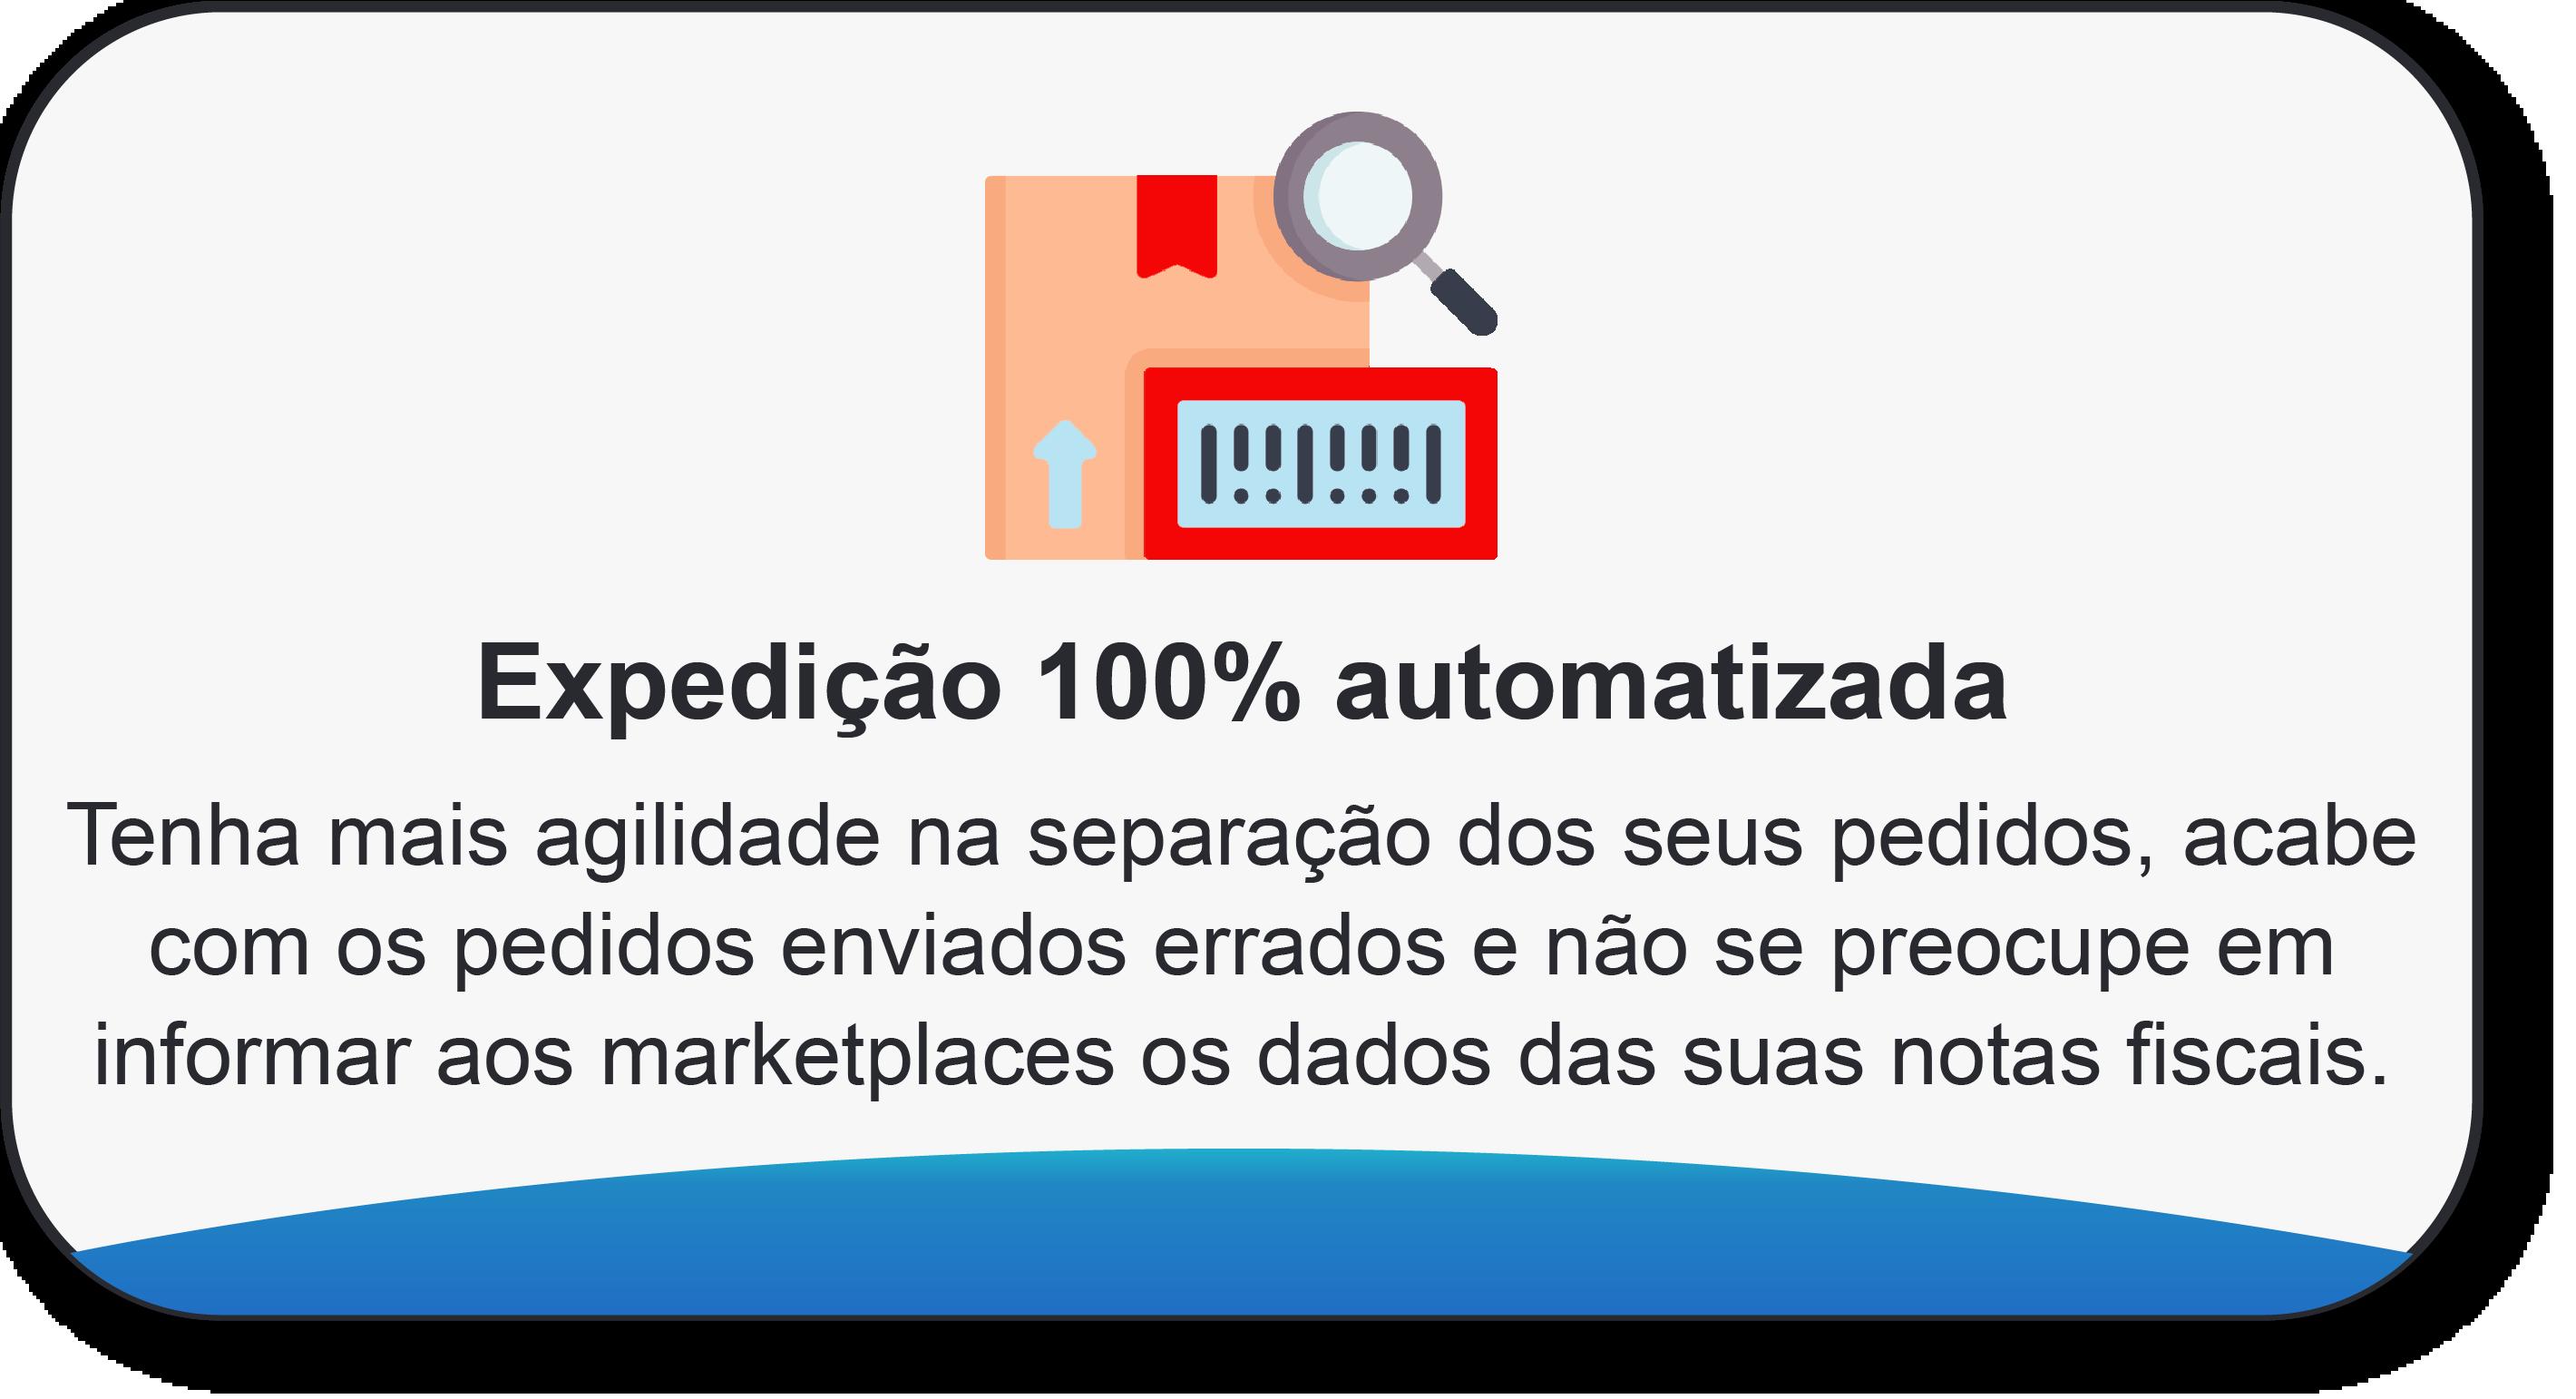 expedicao_100%_automatizada_com_magis5